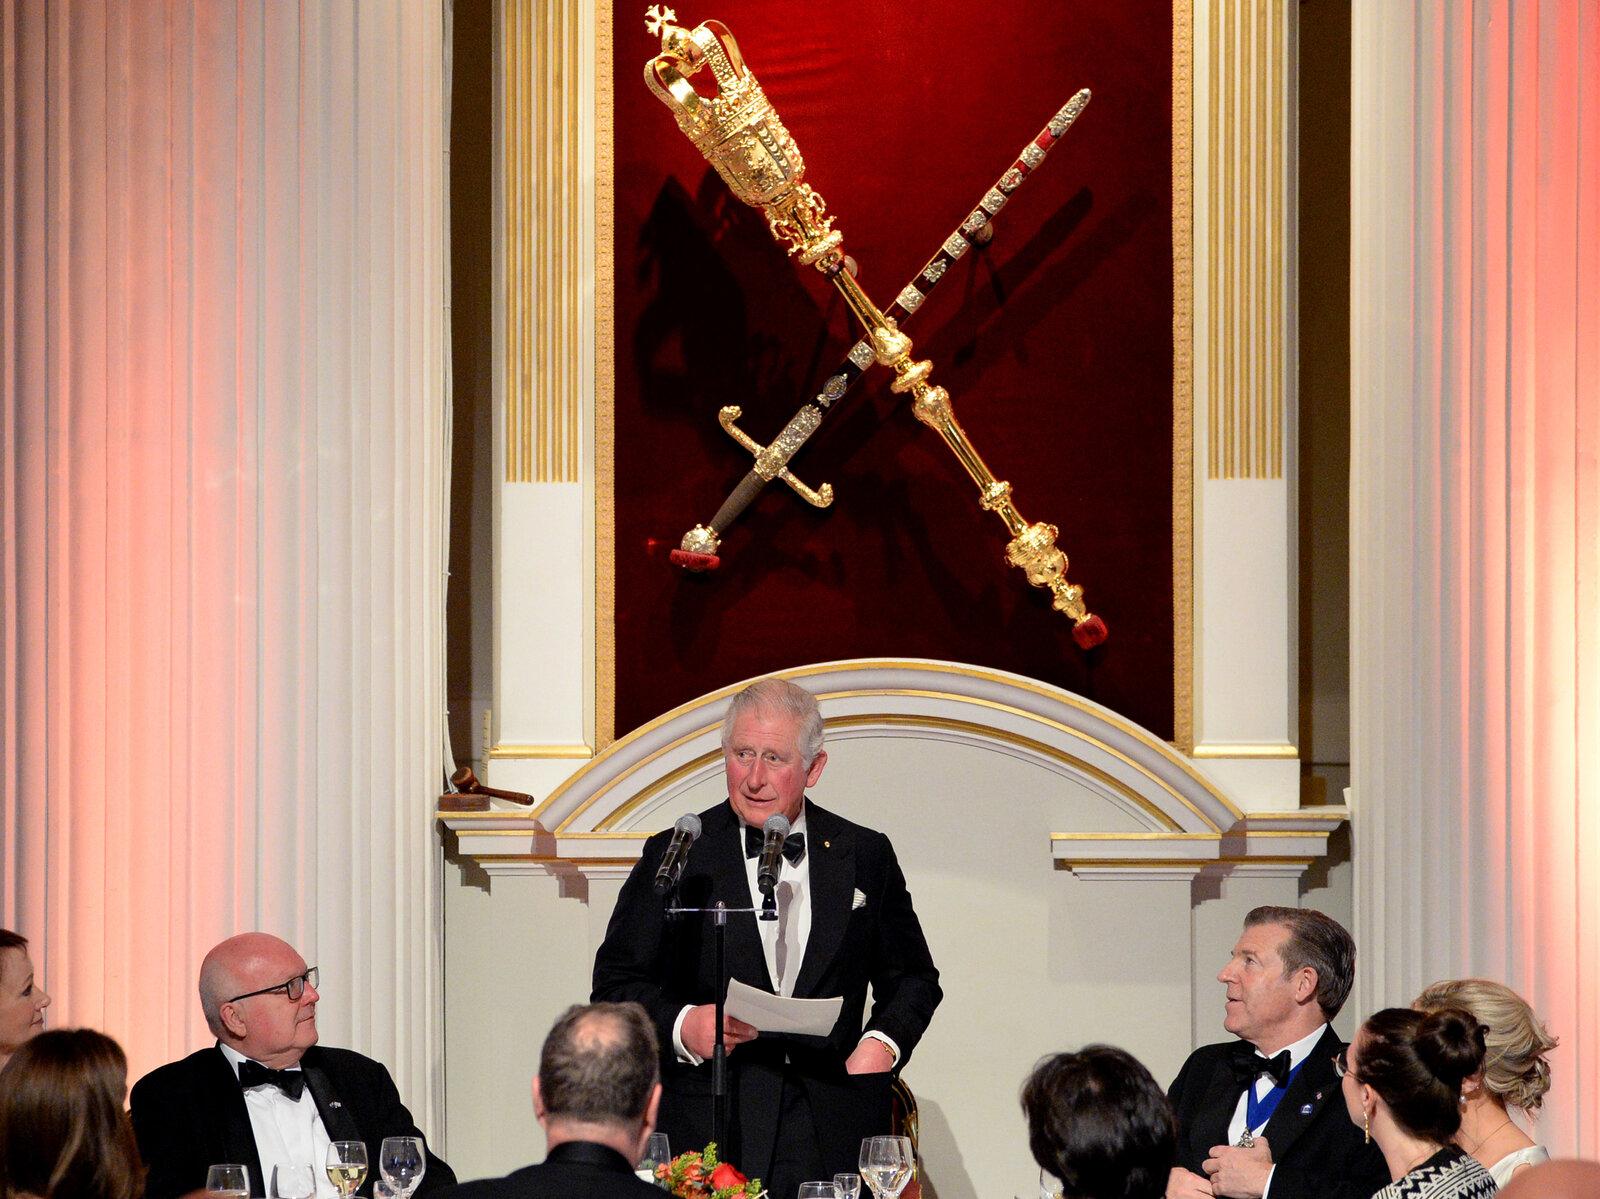 Prince Charles caught coronavirus